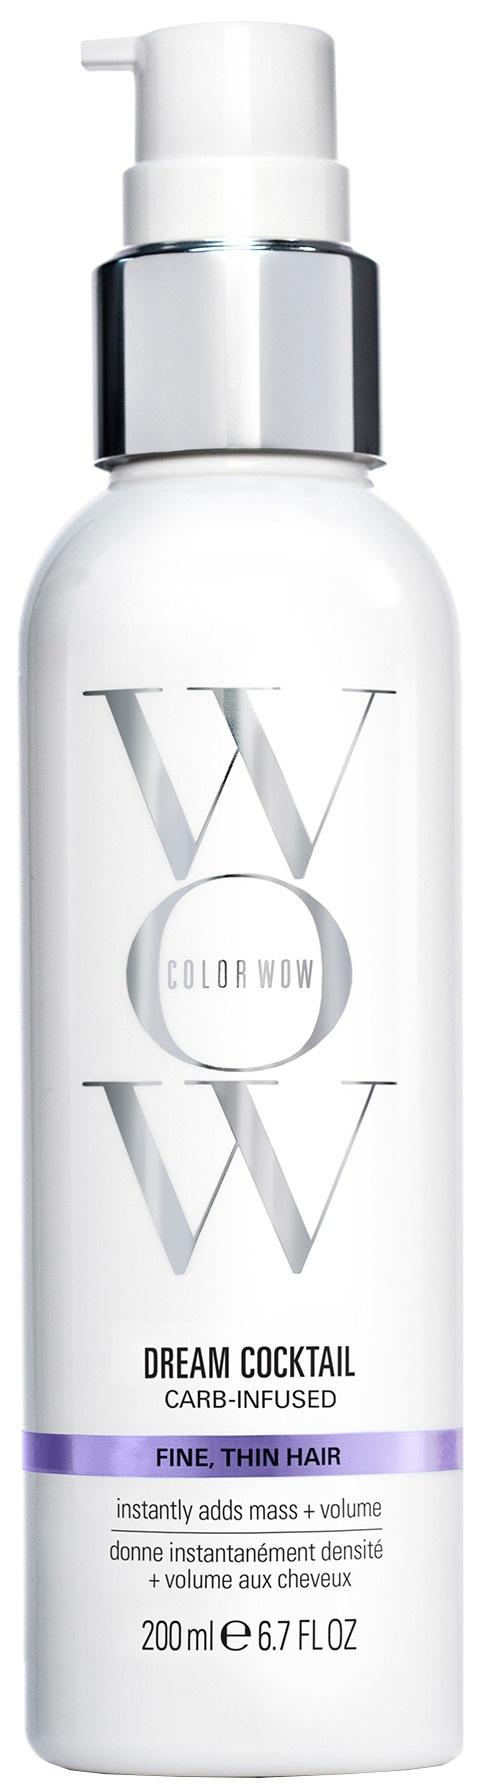 Colour Wow Carb Cocktail